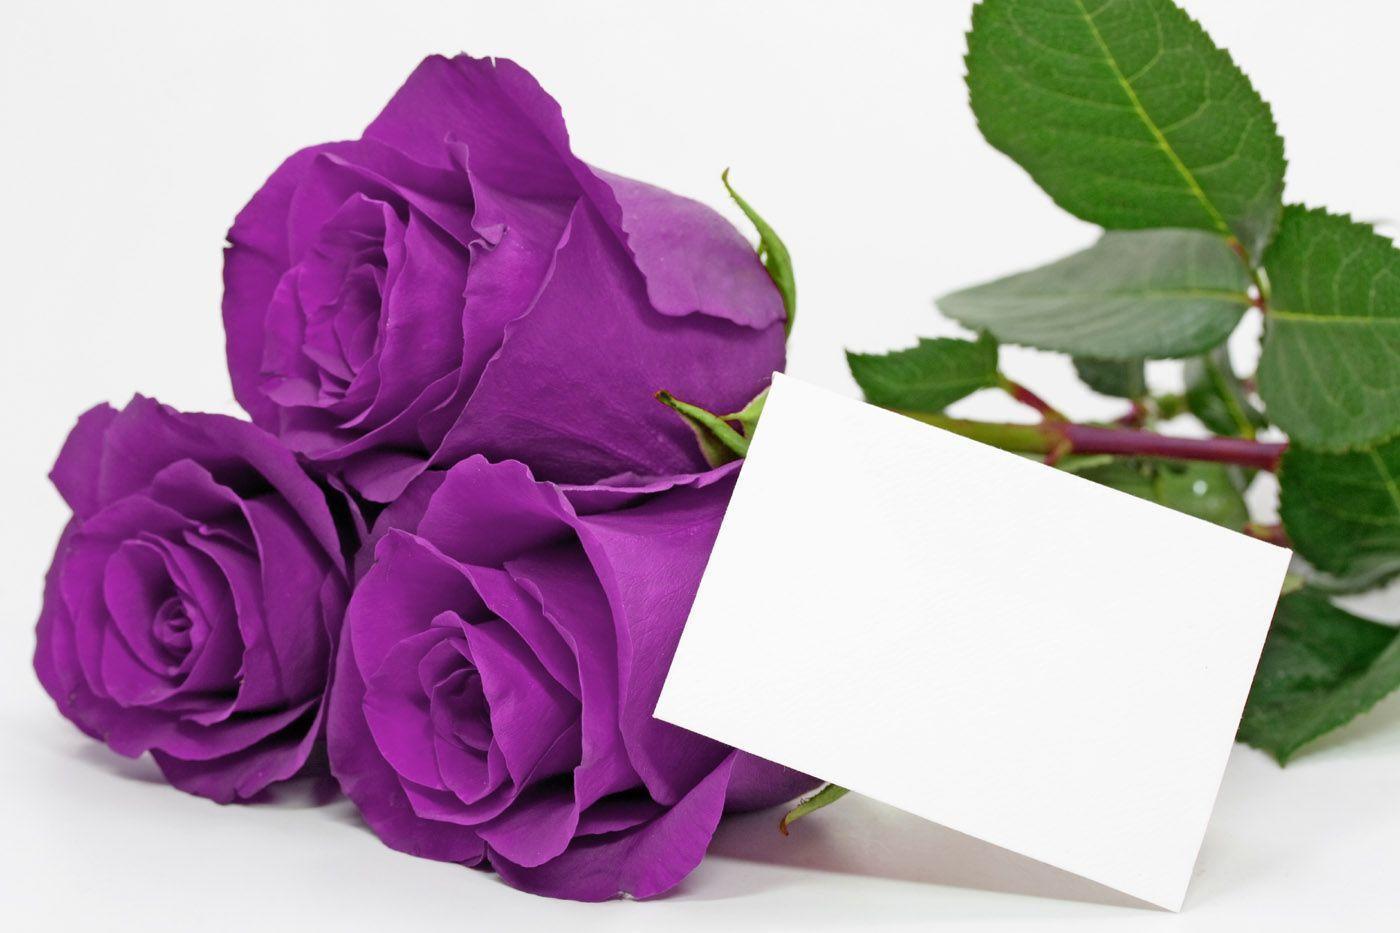 Картинки красивые розы с надписями (35 фото) Прикольные картинки и юмор 37